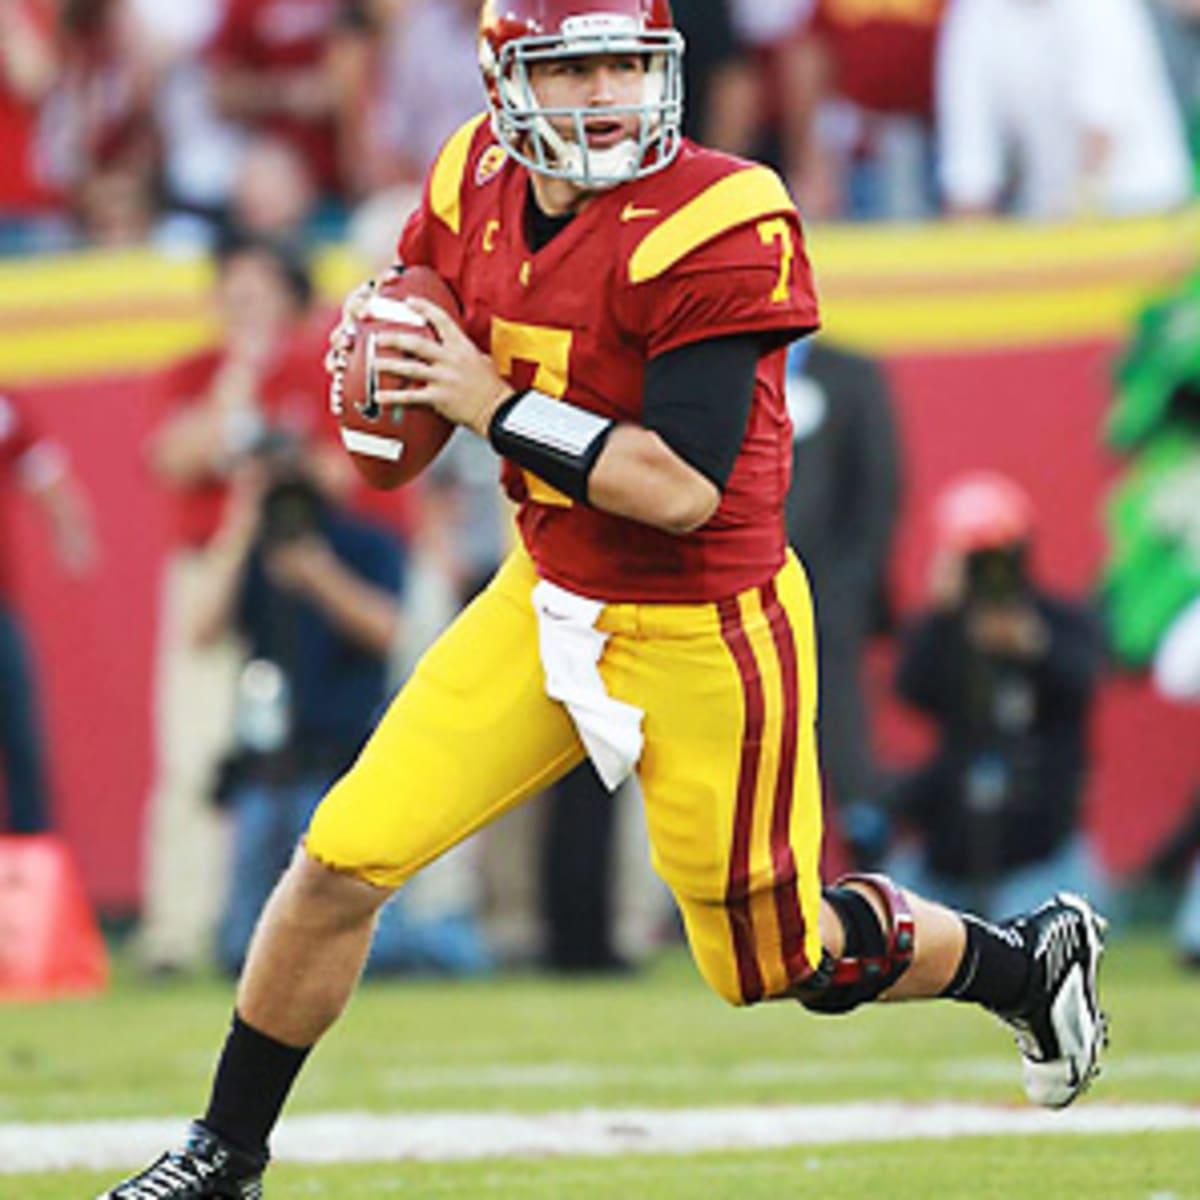 Stewart Mandel: Lifelong USC fan Barkley aims for dream end to ...